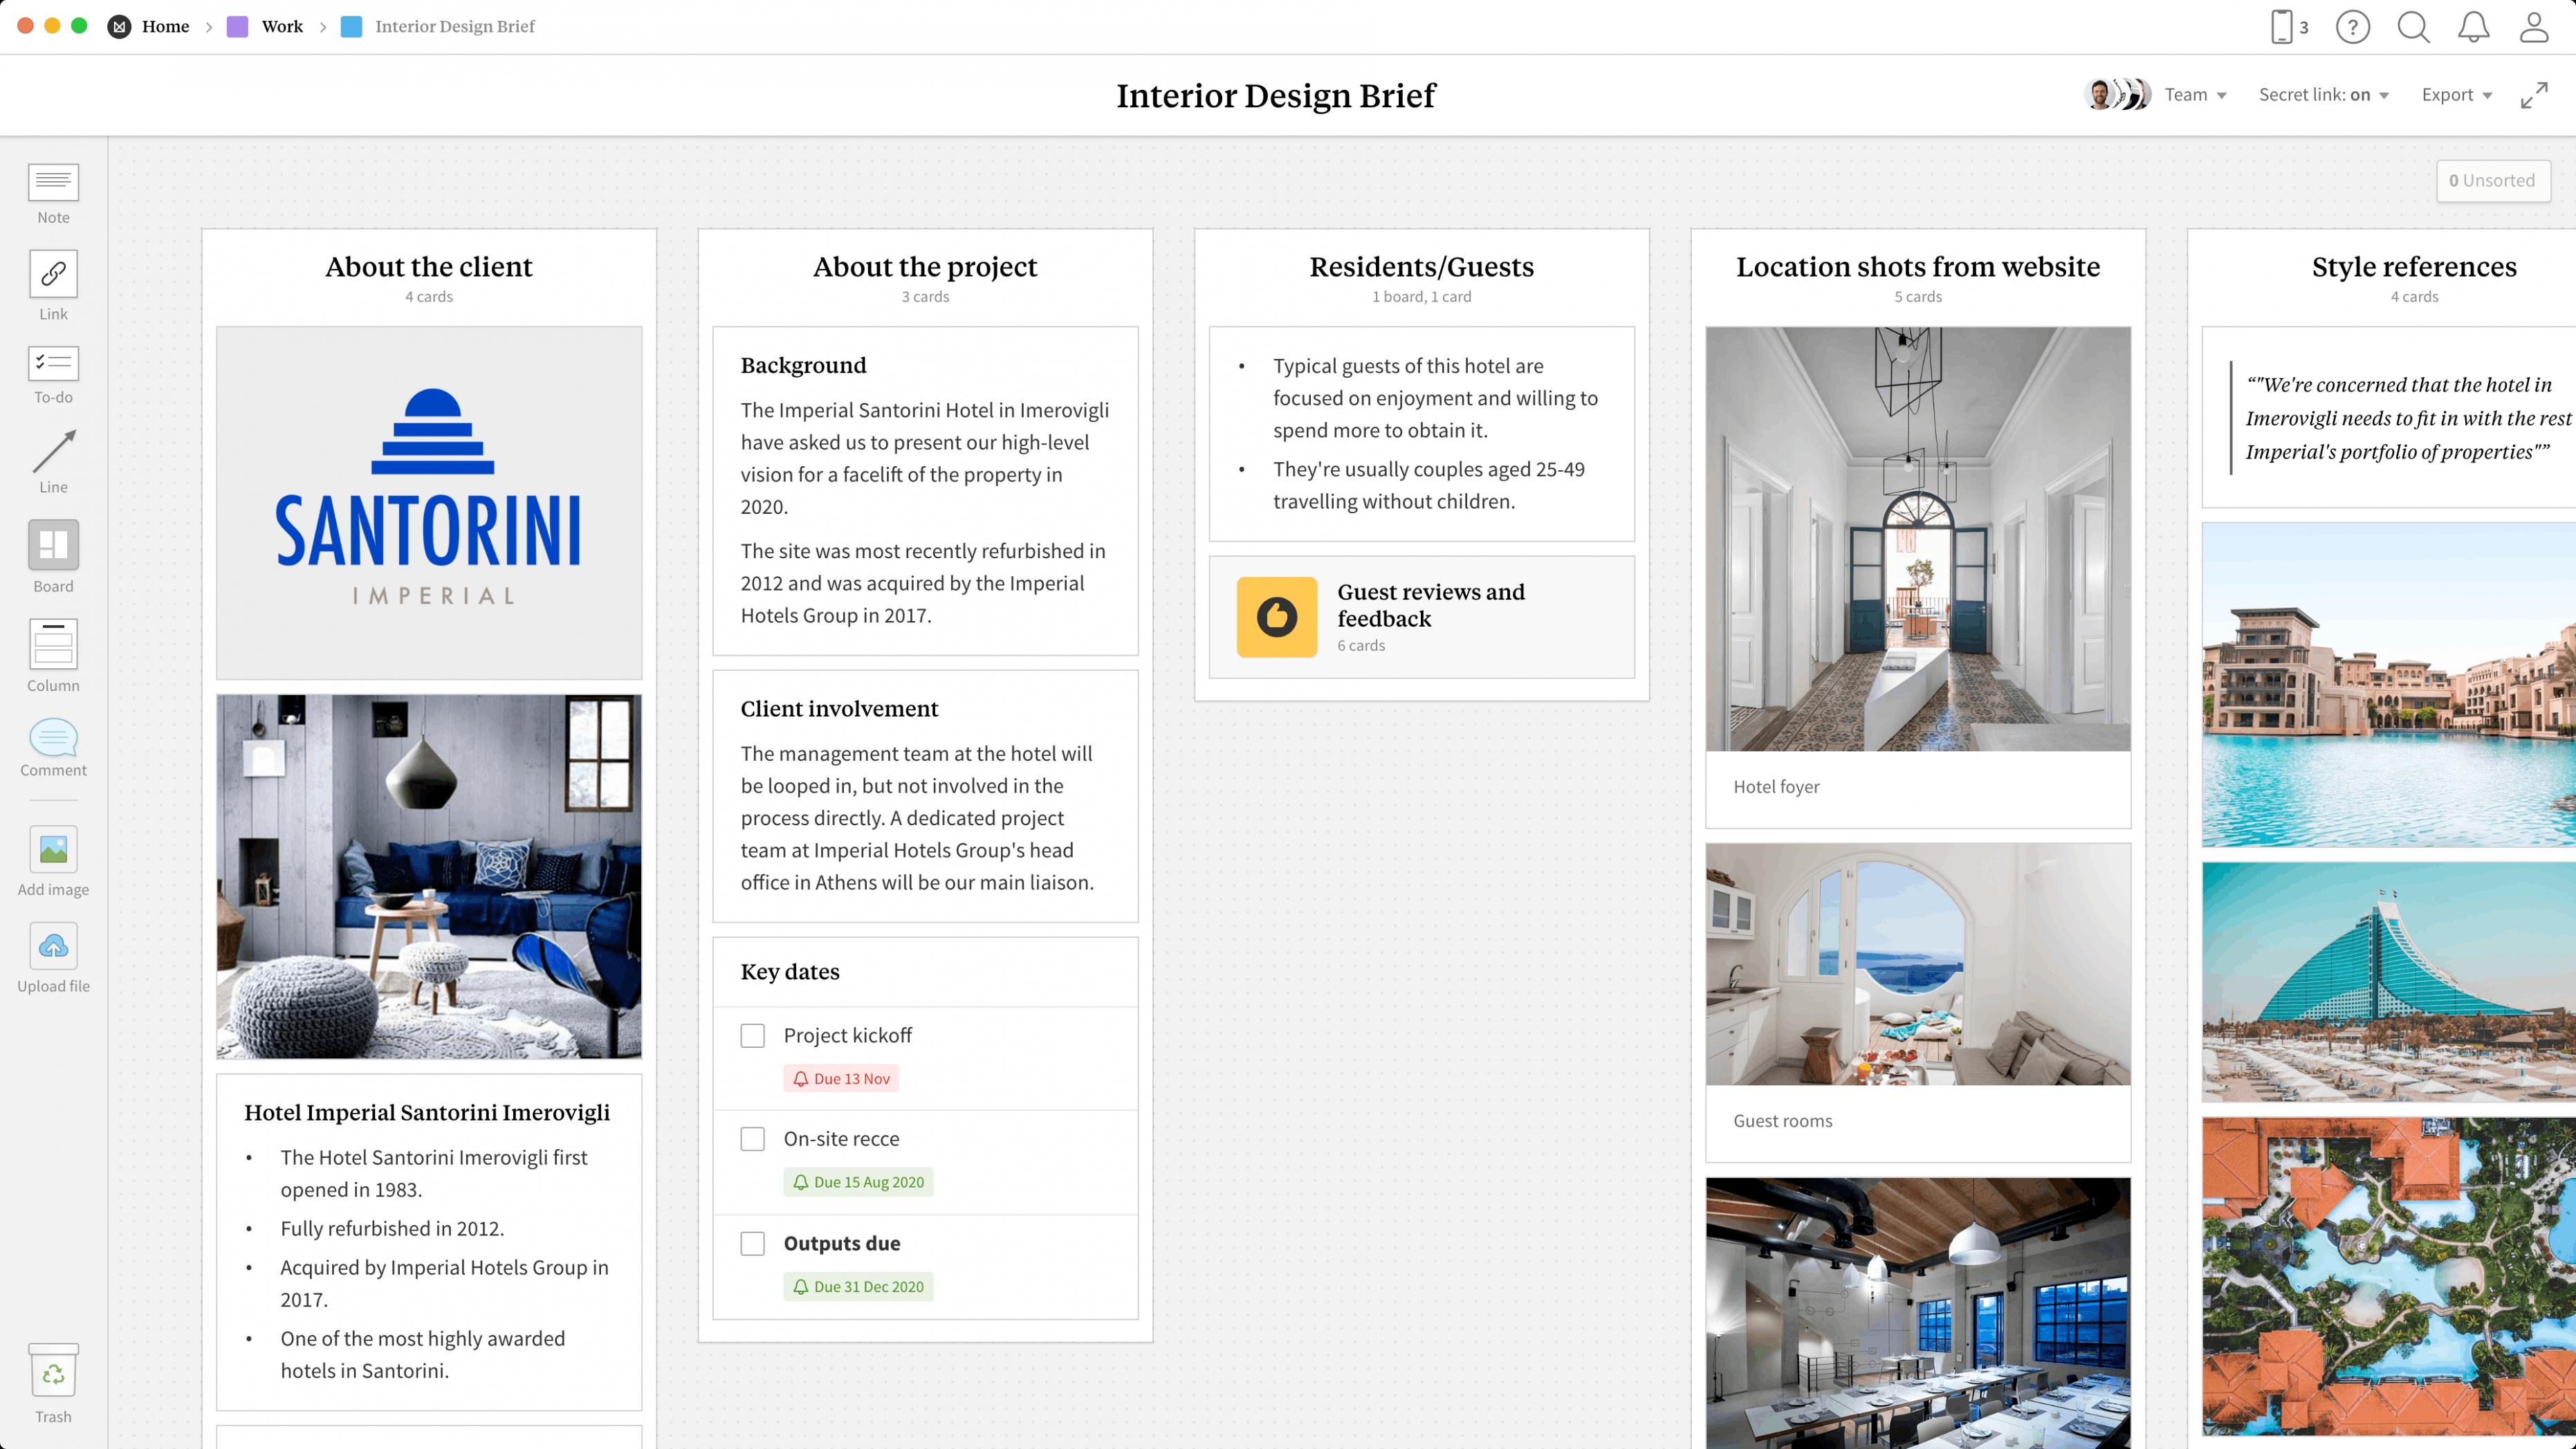 Interior Design Brief Template & Example Project - Milanote - Apartment Design Brief